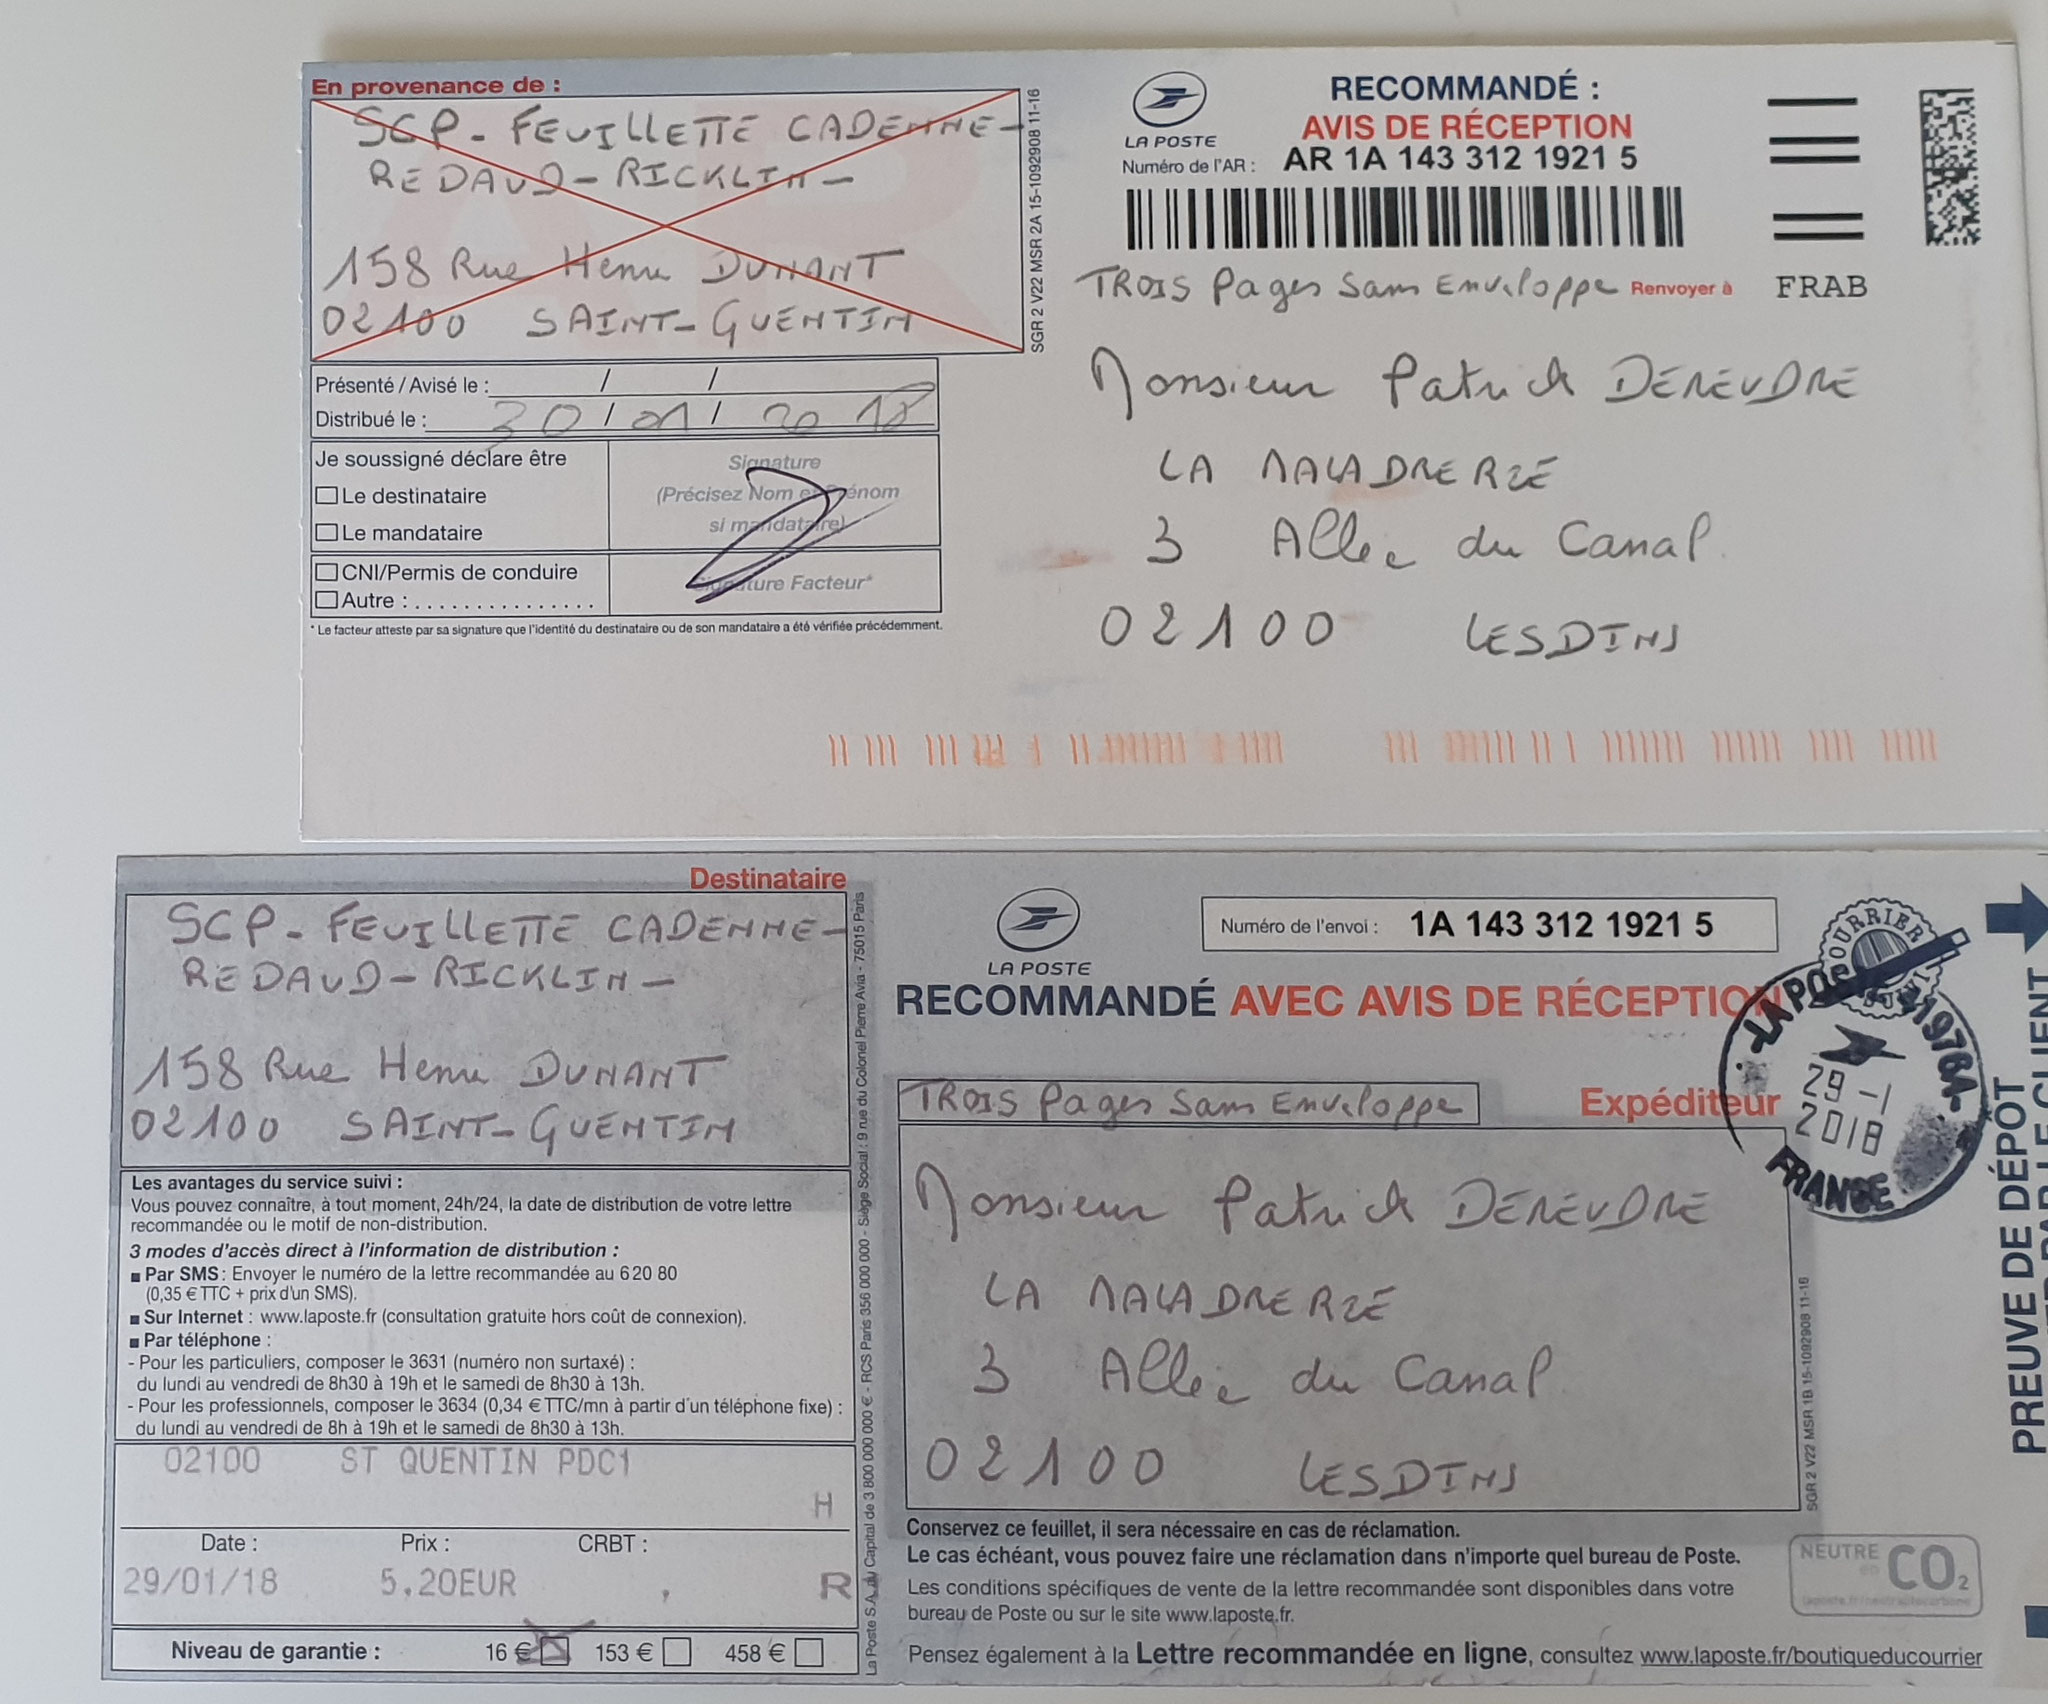 Le 29 Janvier 2018 LRAR N0 1A  143 312 1921 5 (trois pages) www.jenesuispasunchien.fr www.jesuisvictime.fr www.jesuispatrick.fr